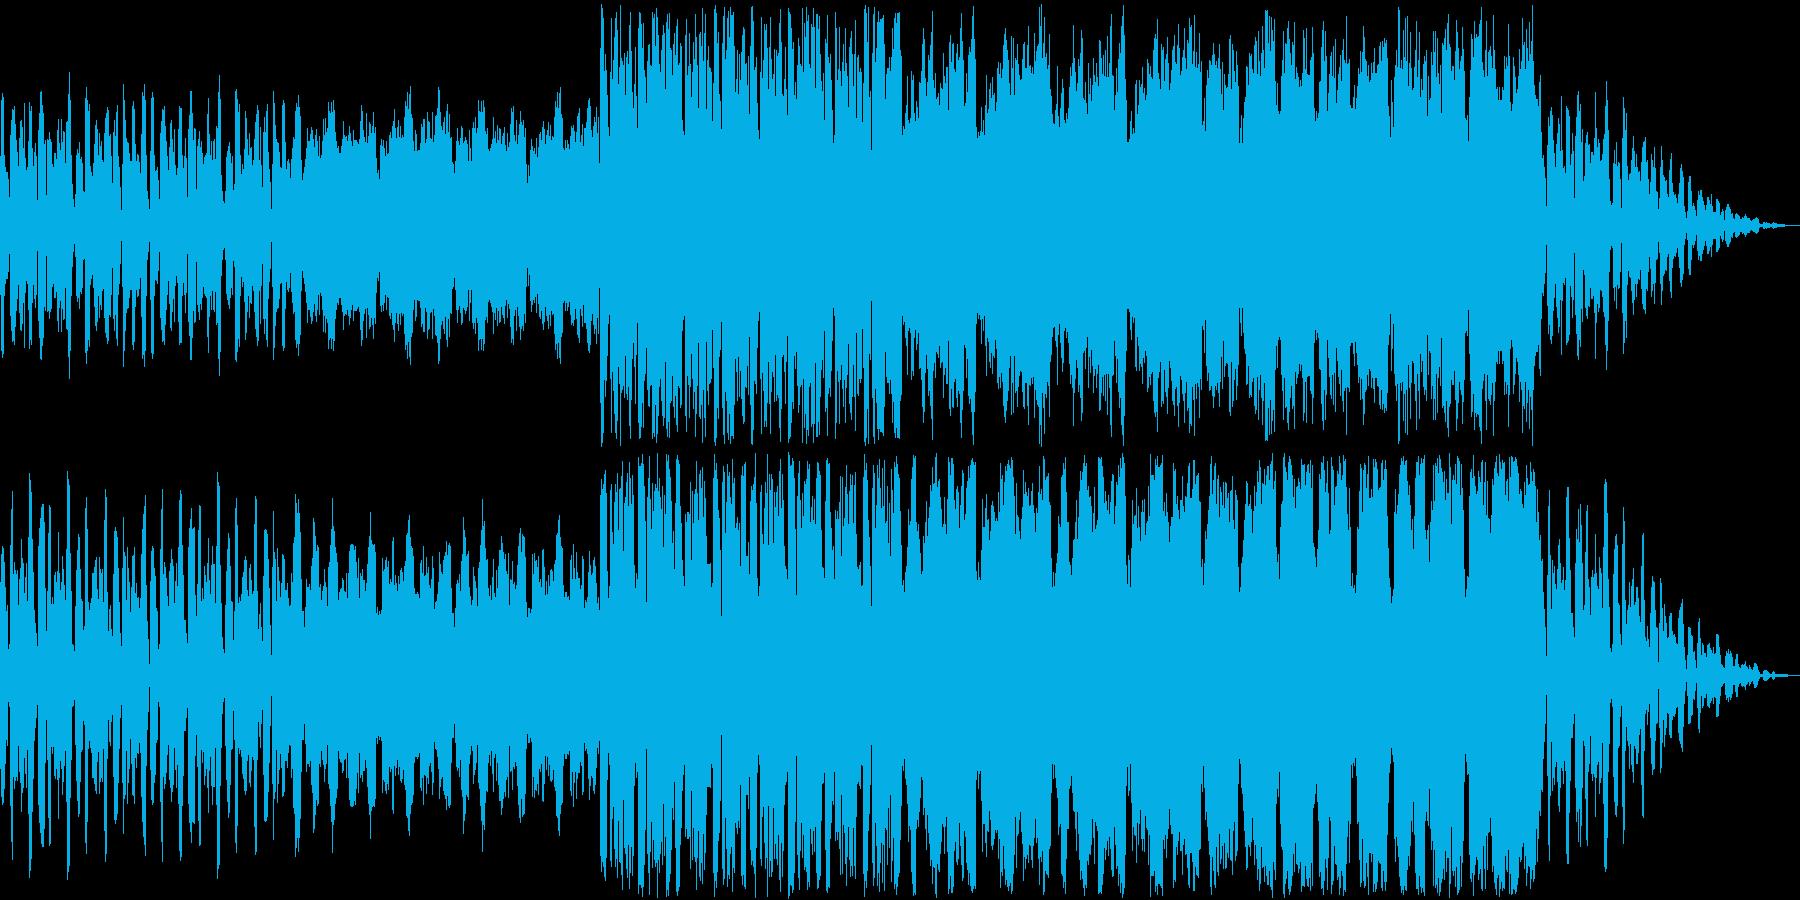 コミカルでちょっと優雅なオーケストラの再生済みの波形